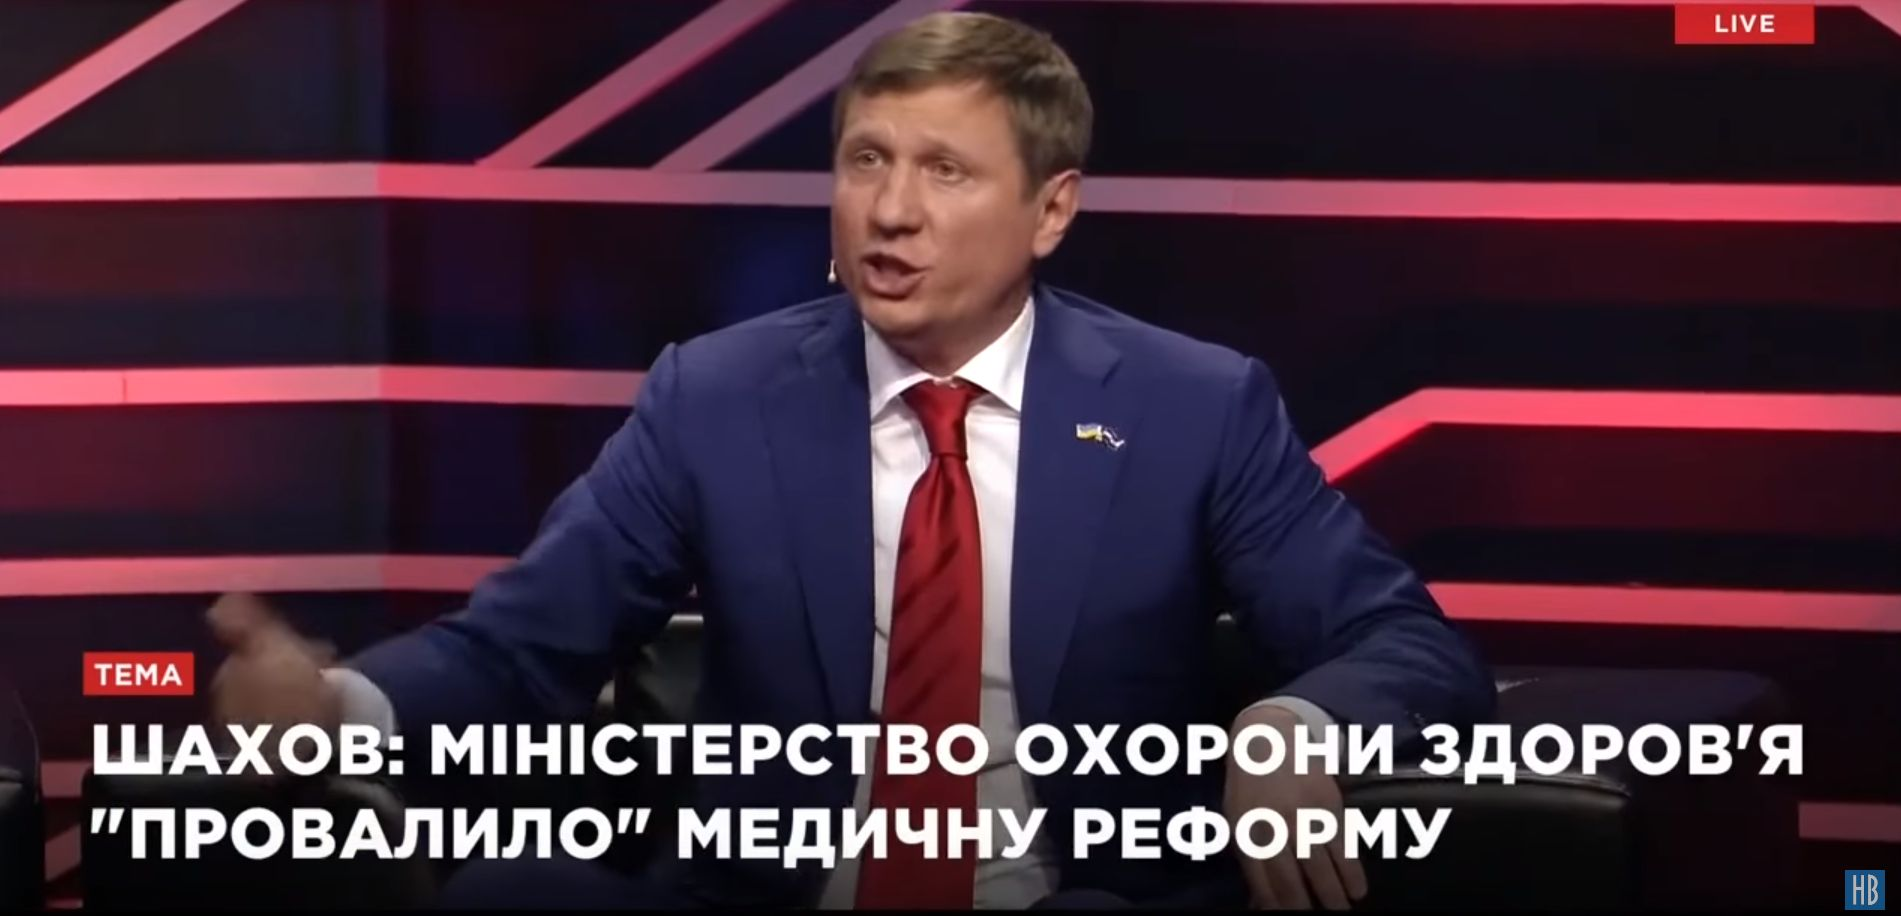 Нардеп Шахов заявил, что Сенкевичу нужно было просить у Порошенко деньги на «фонтан дер#ма» на Лесковой, вместо фонтана на Соборной (ВИДЕО)